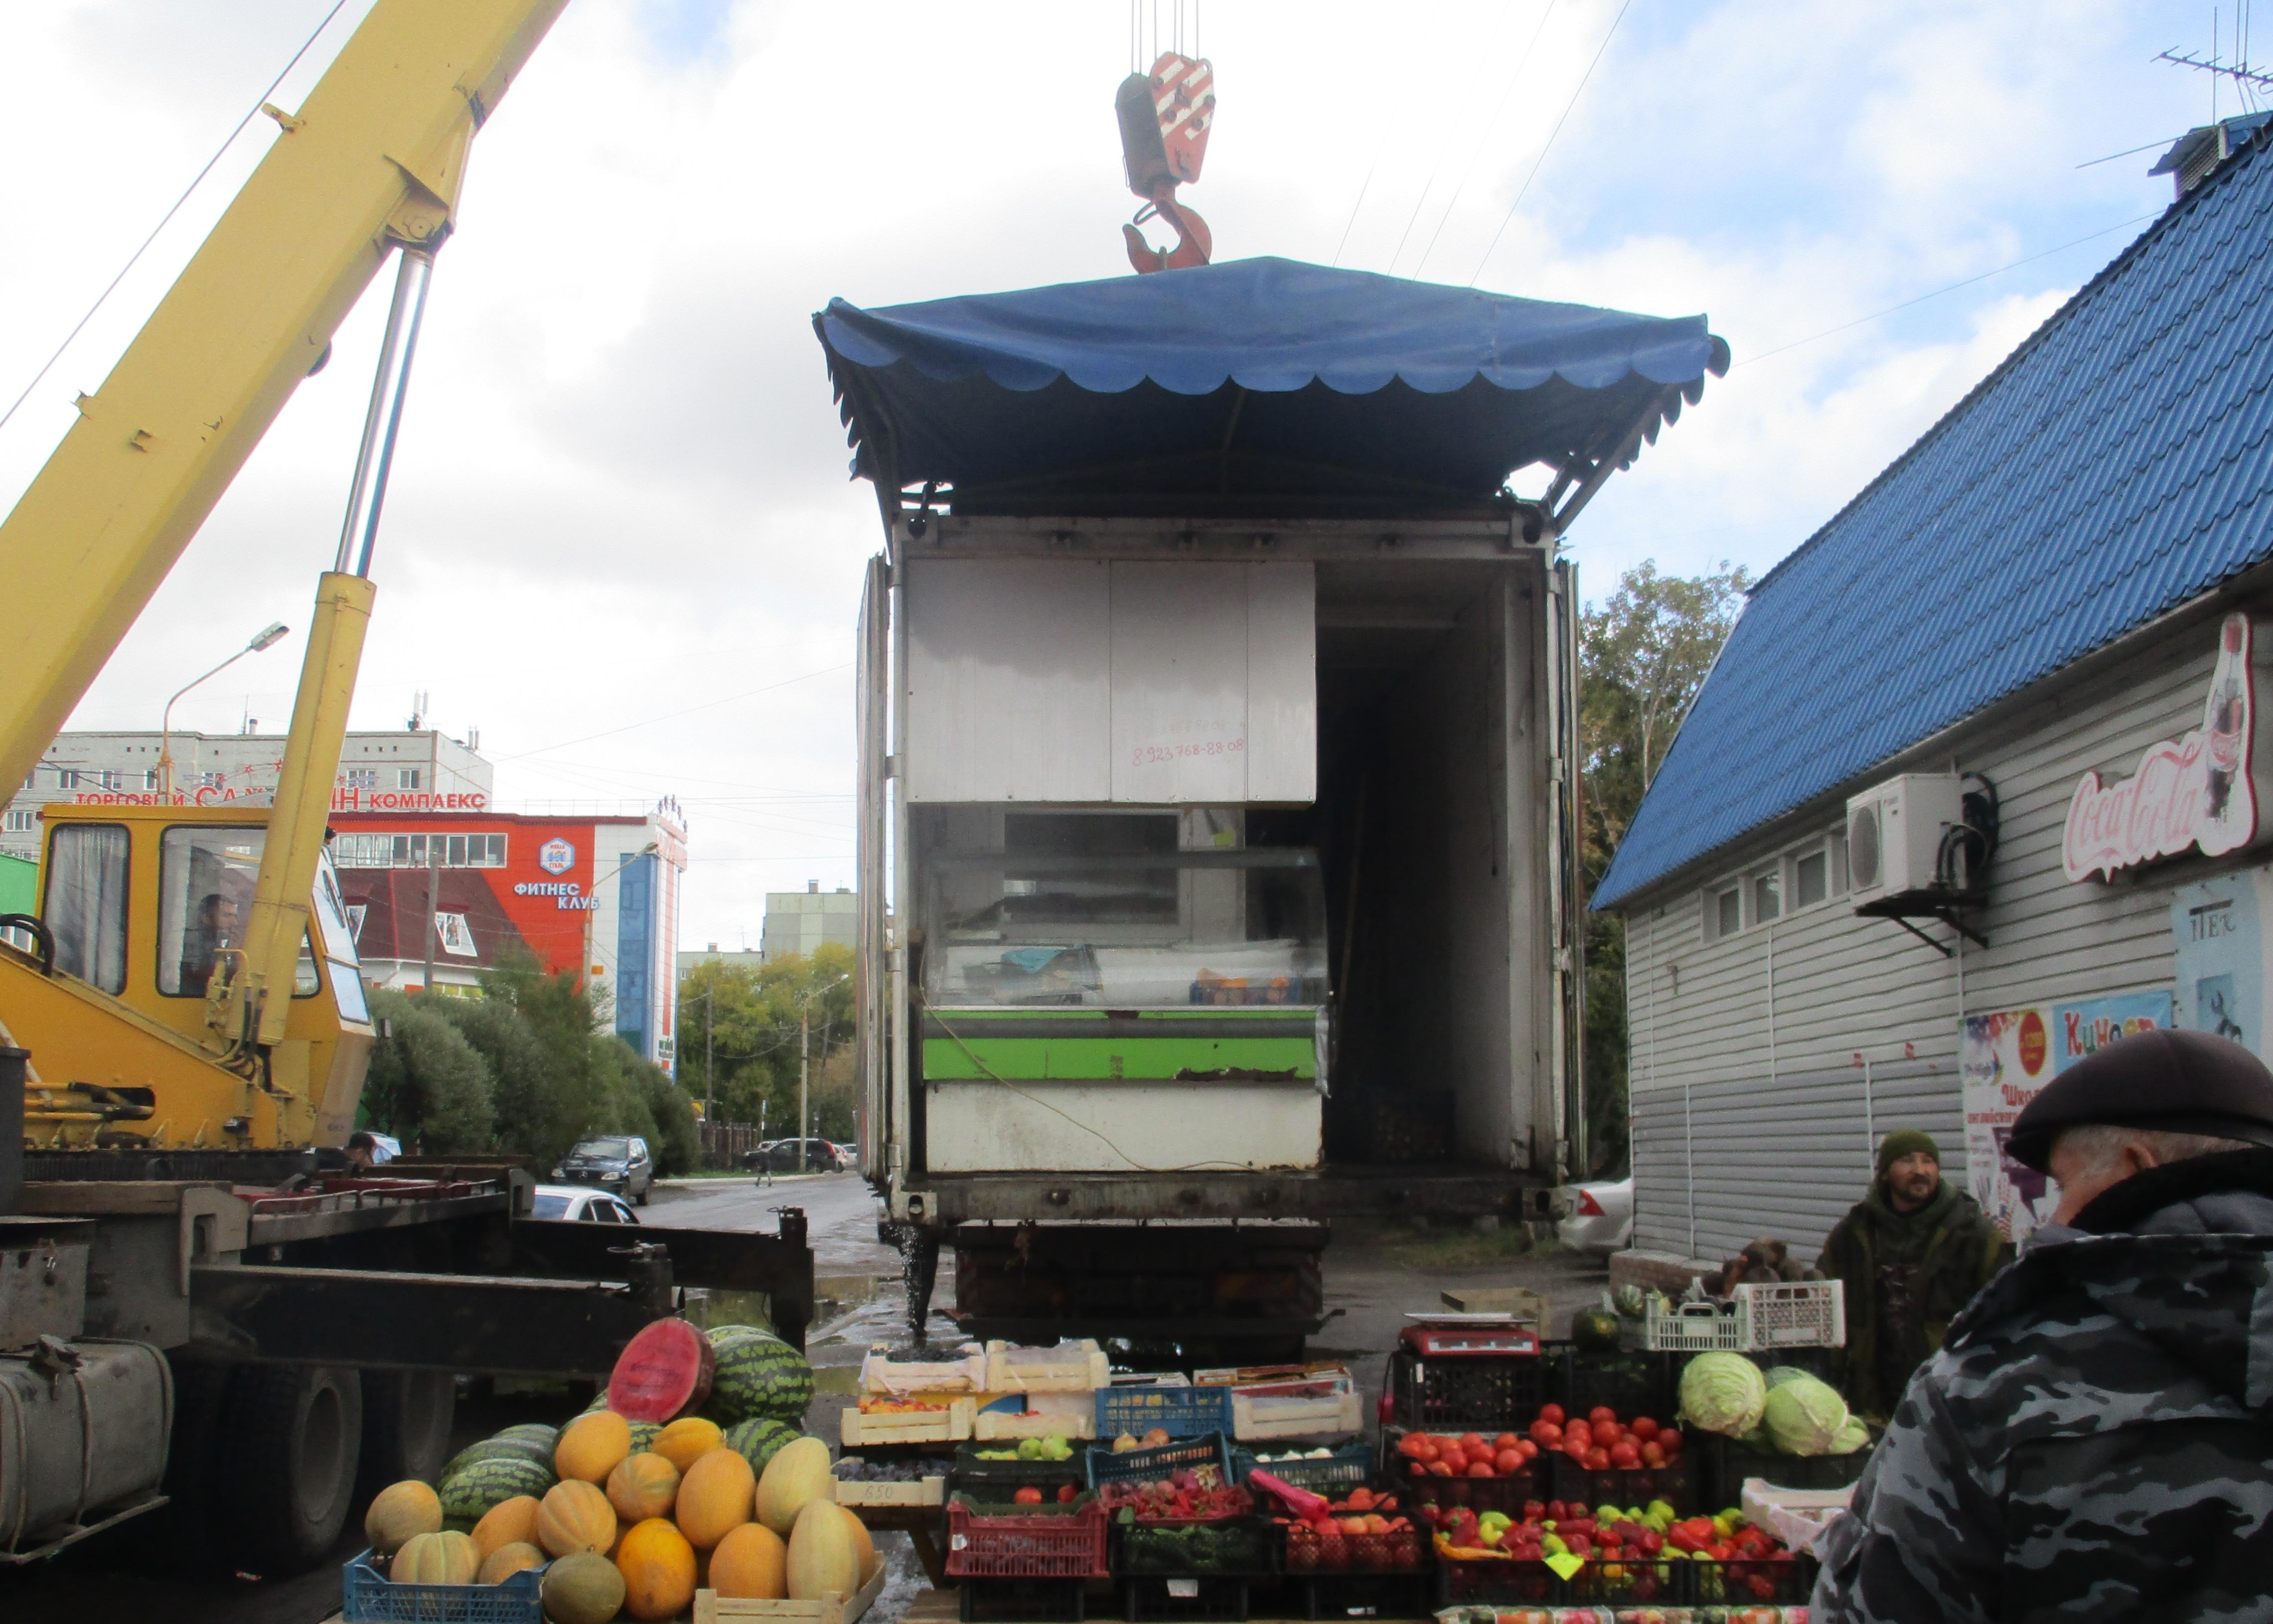 В Омске продолжают убирать незаконные торговые павильоны #Омск #Общество #Сегодня